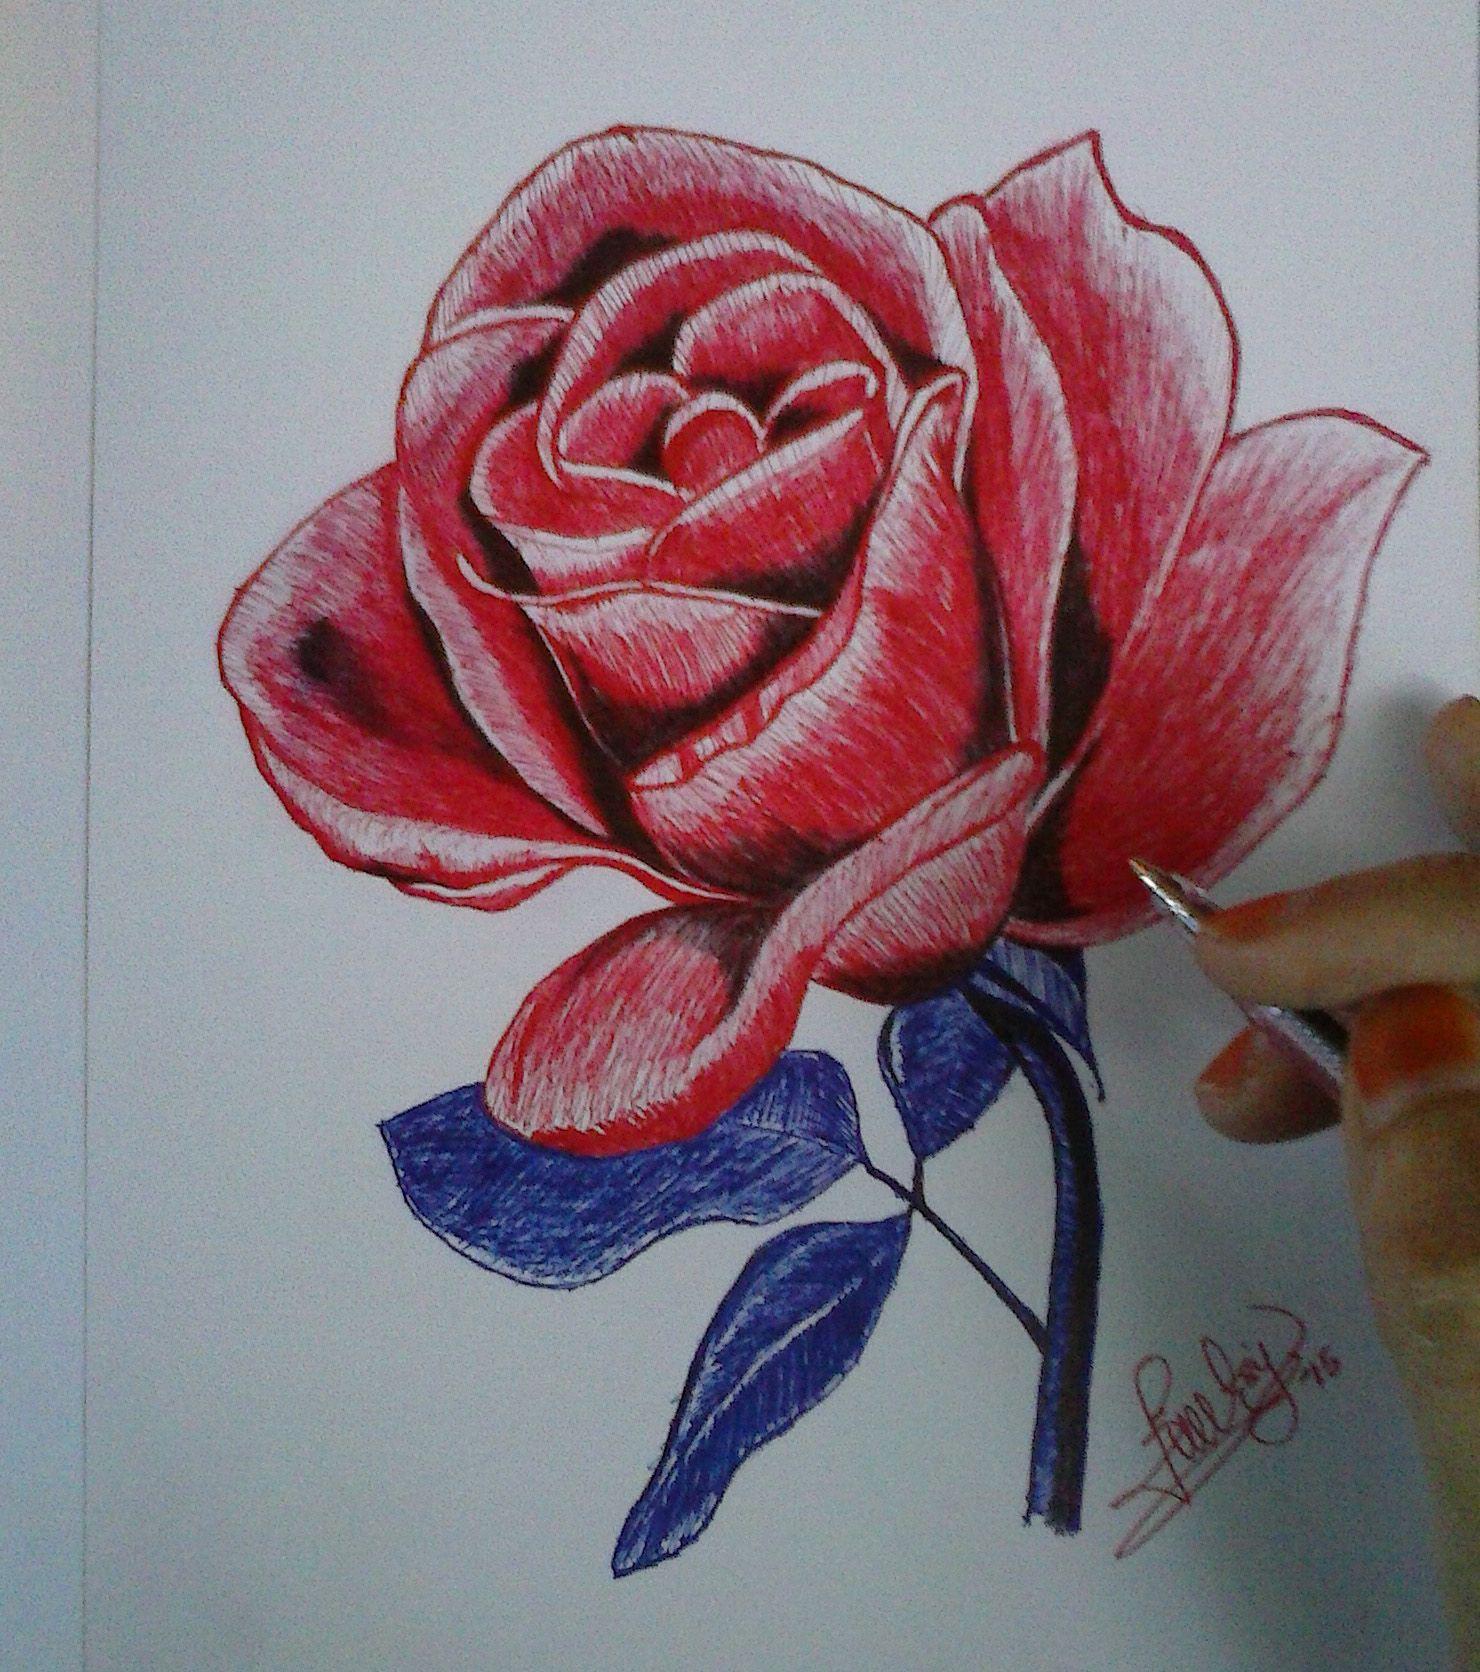 Feti Sumaryanti Fetixuyan16 Pen Drawing Rose One Rose Feti